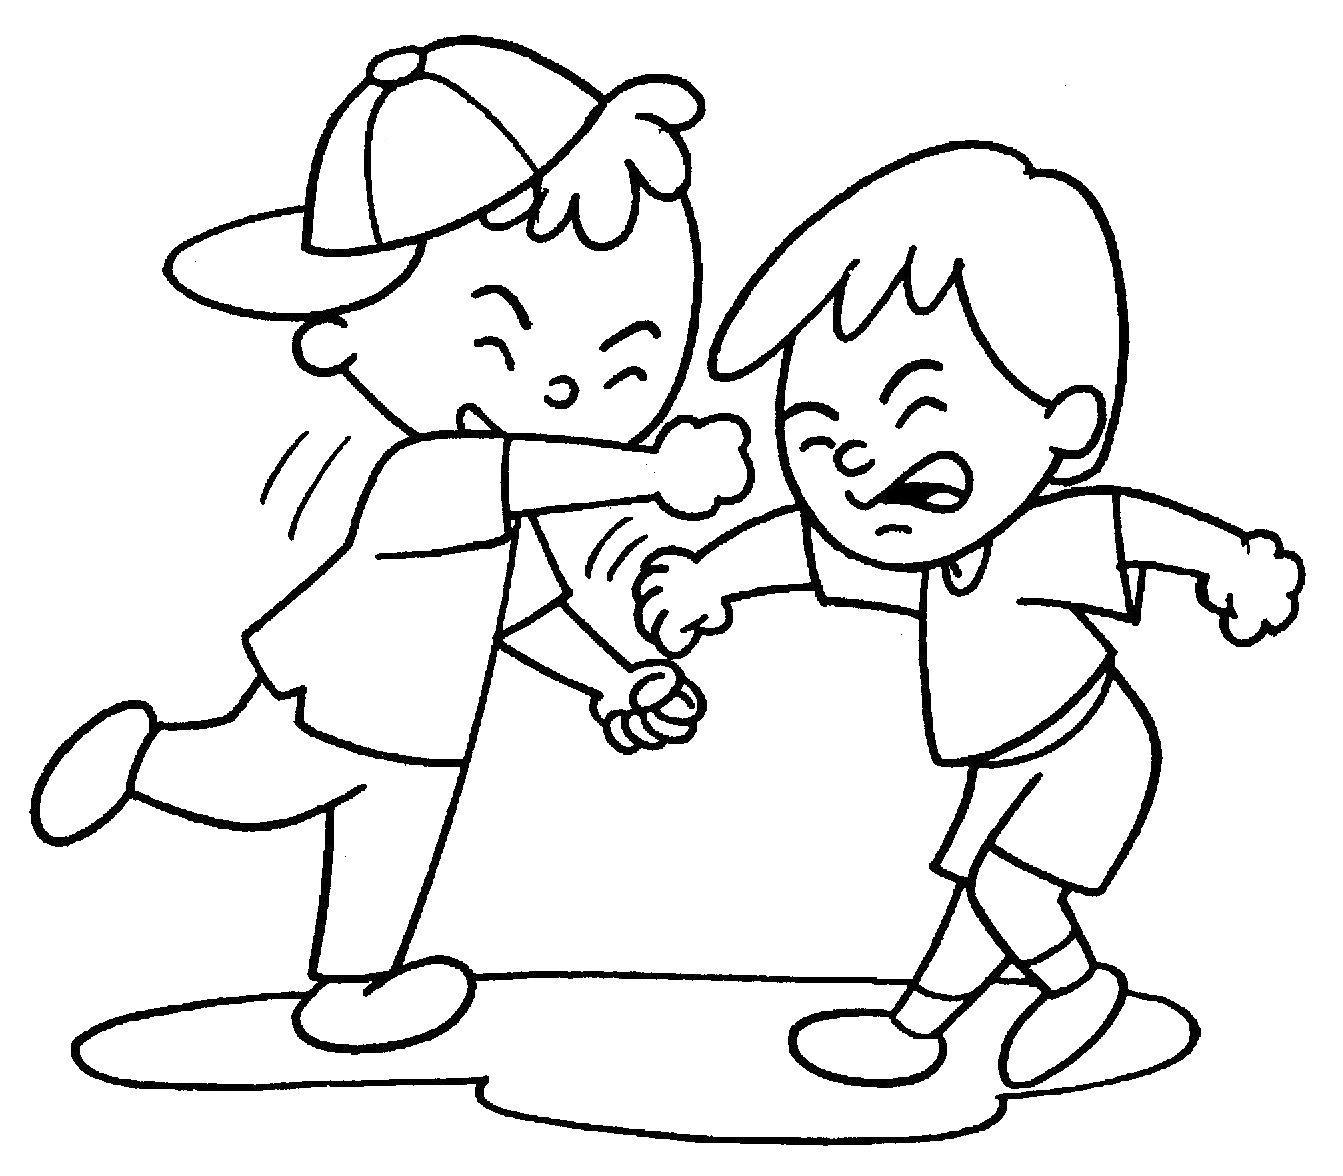 Atividade Da Juerp Para Colorir 7 further Atividade Para Colorir Criancas 8 moreover Desenhos Criancas Em Prece moreover Evangelizando E Pintando additionally 10 Dibujos De Reyes Magos Para Colorear. on figuras para pintar versiculos